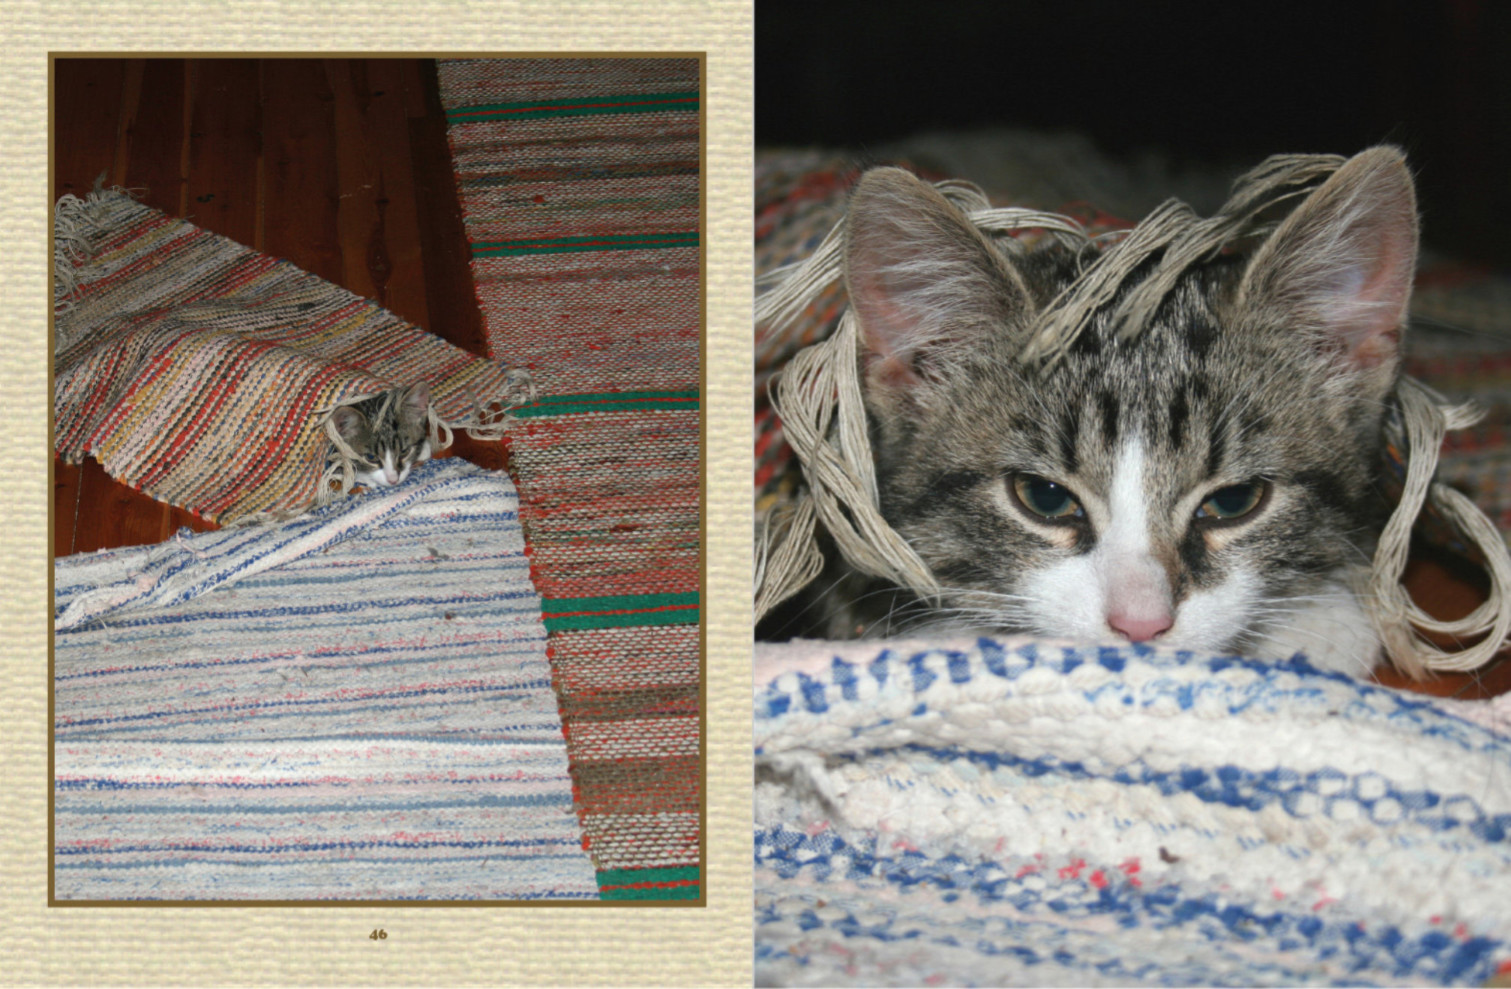 小貓在玩捉迷藏